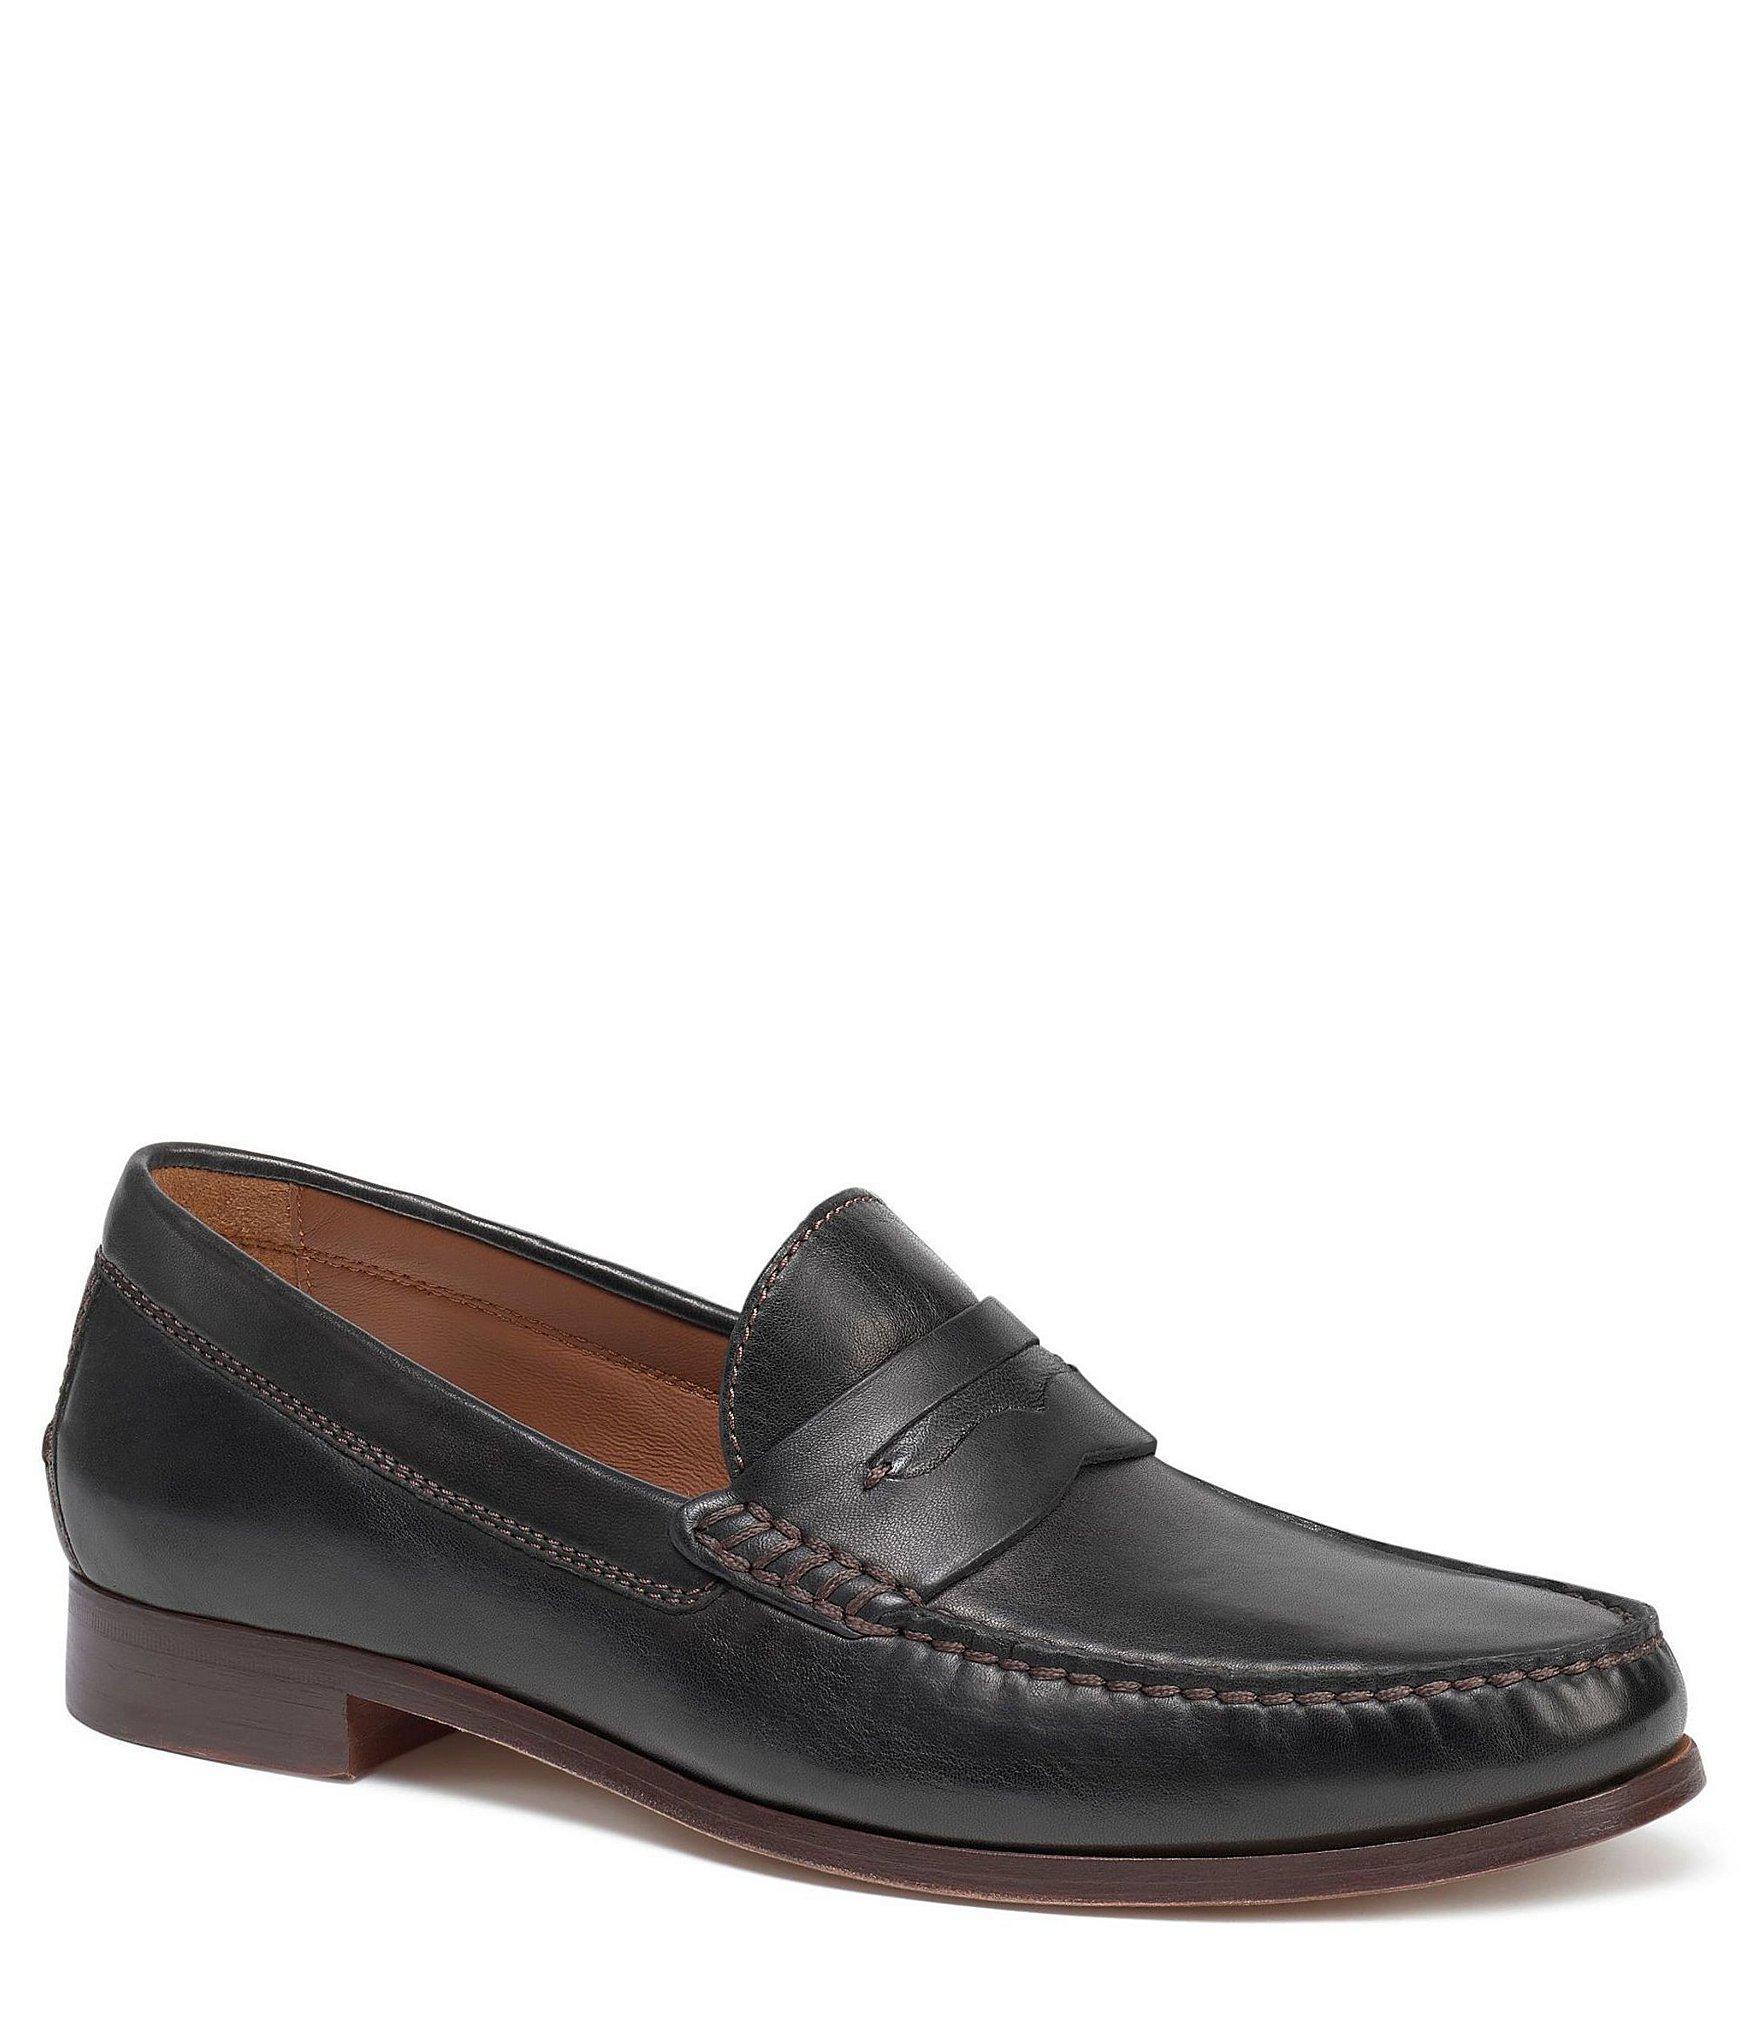 2a507fd7882 Lyst - Trask Men s Sadler Loafer in Black for Men